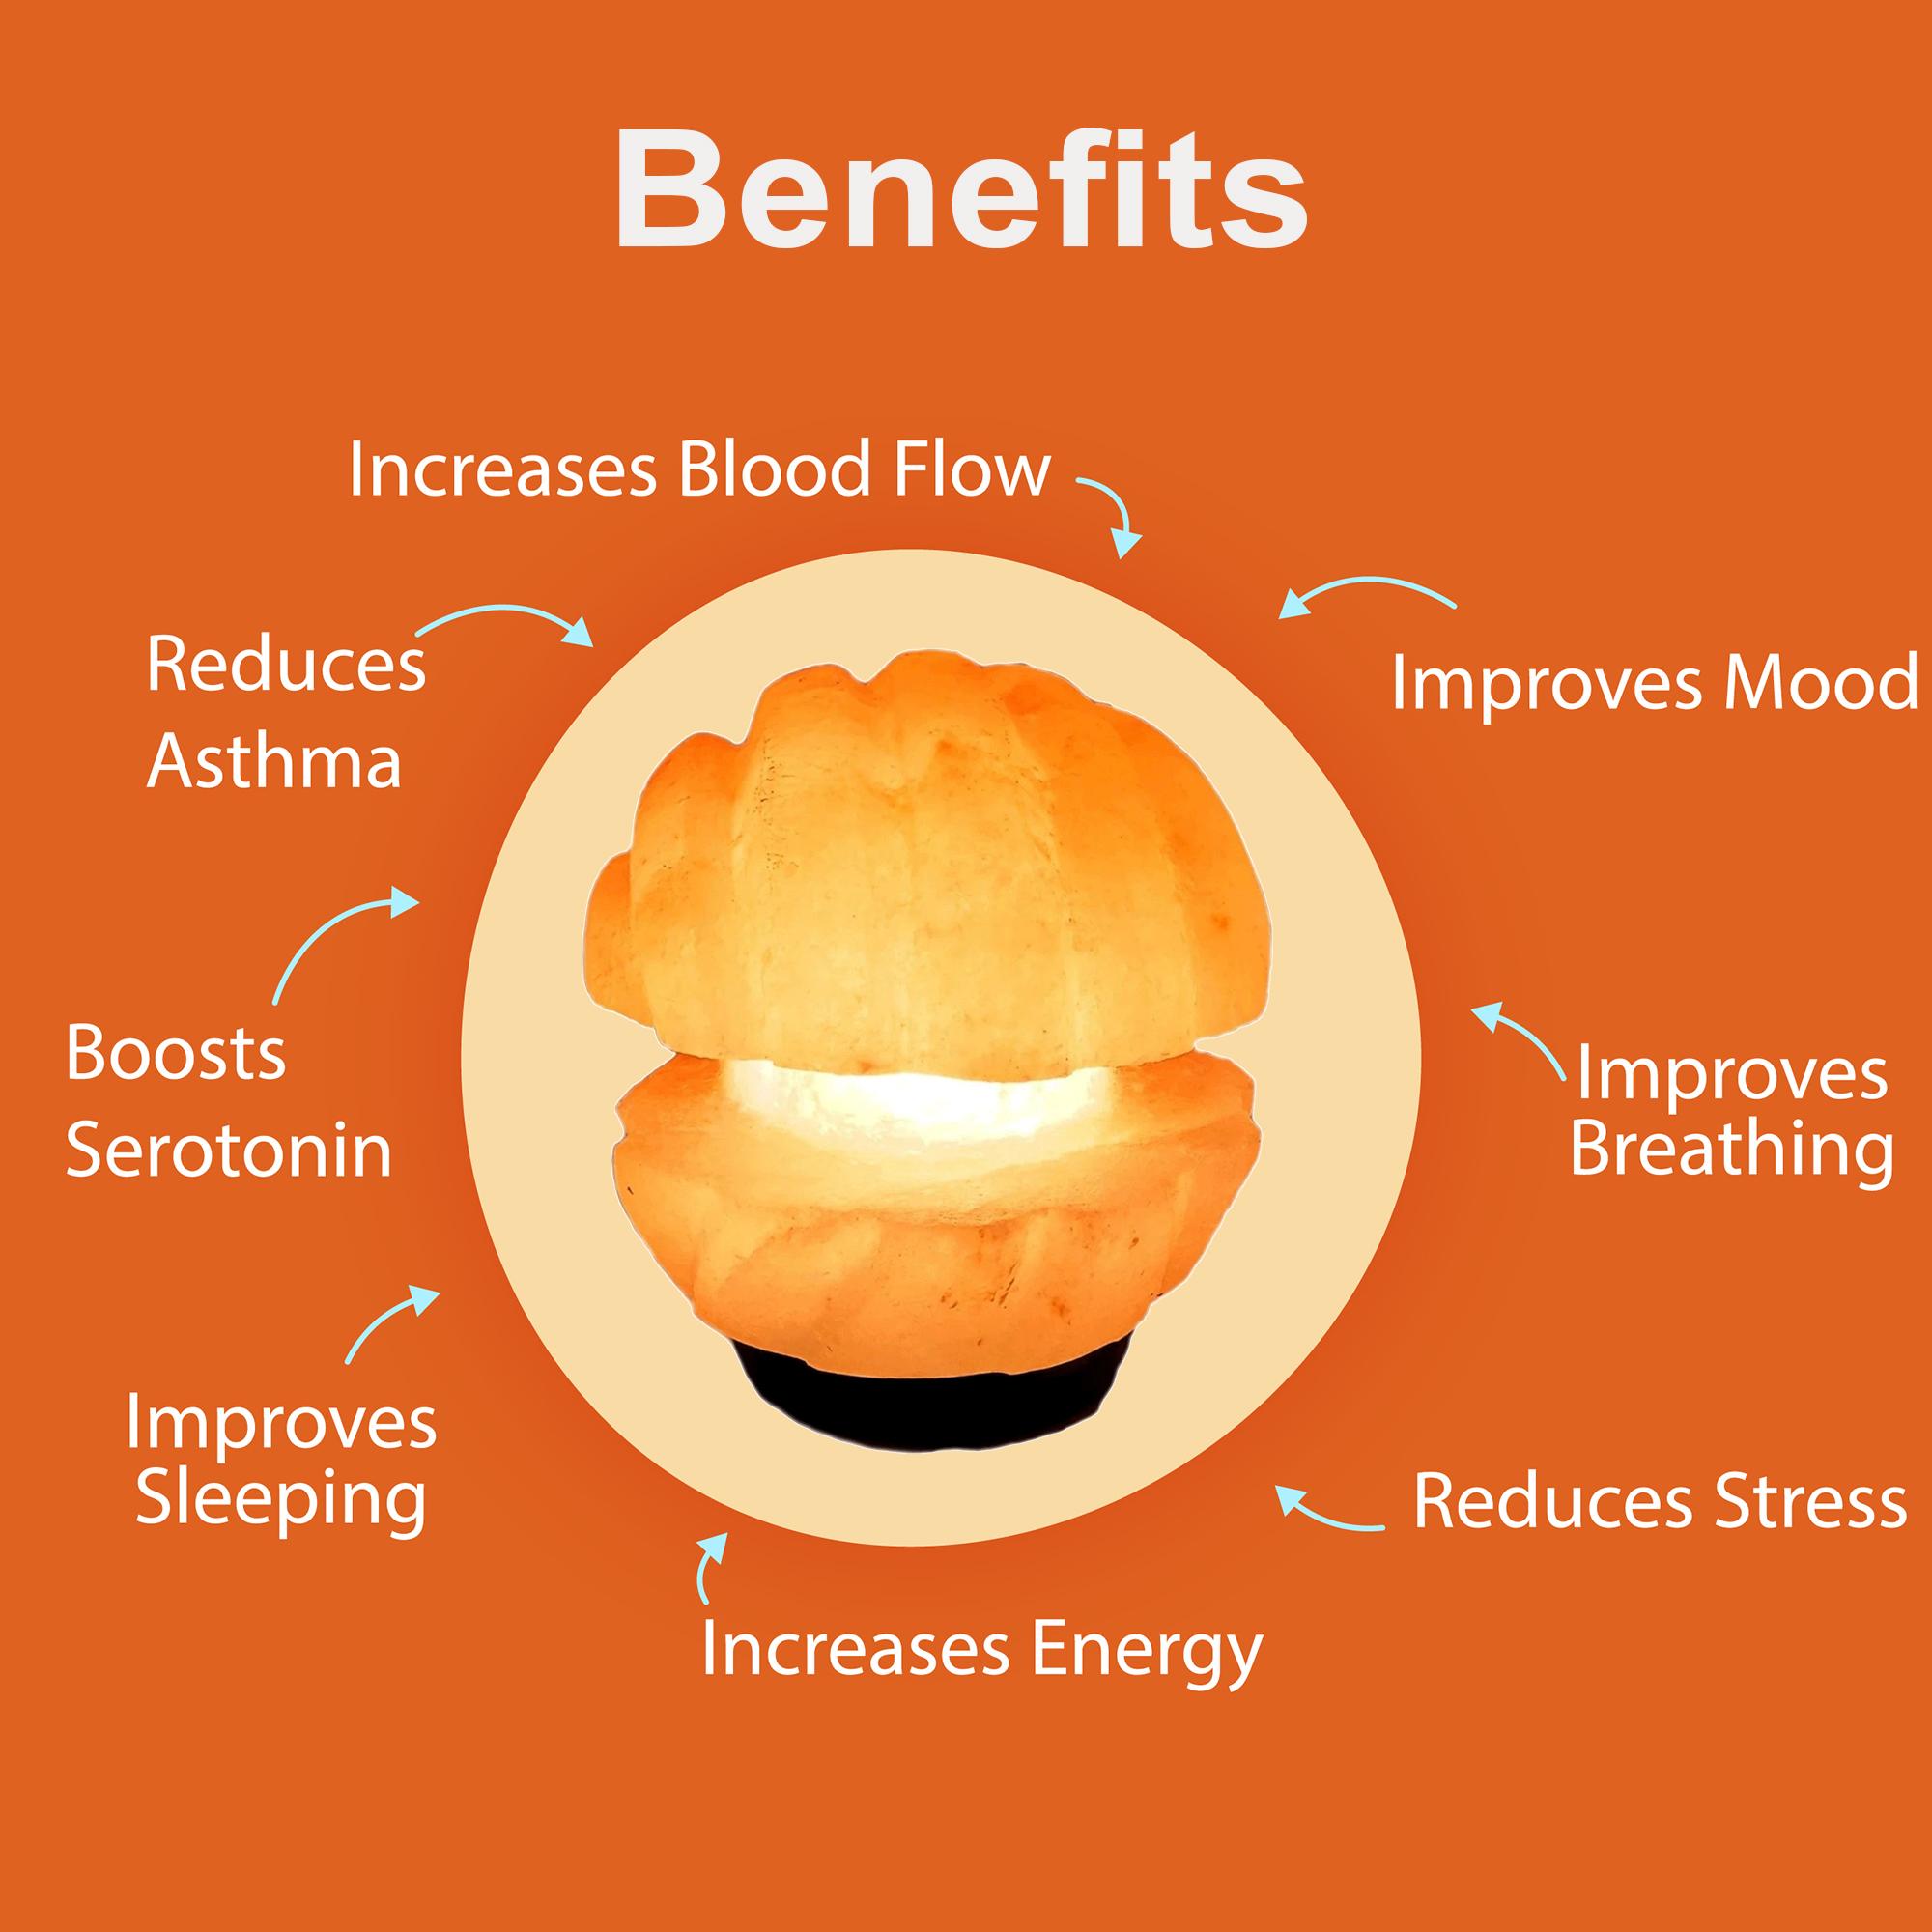 7 benefits 51 - Saltpur Himalayan Salts